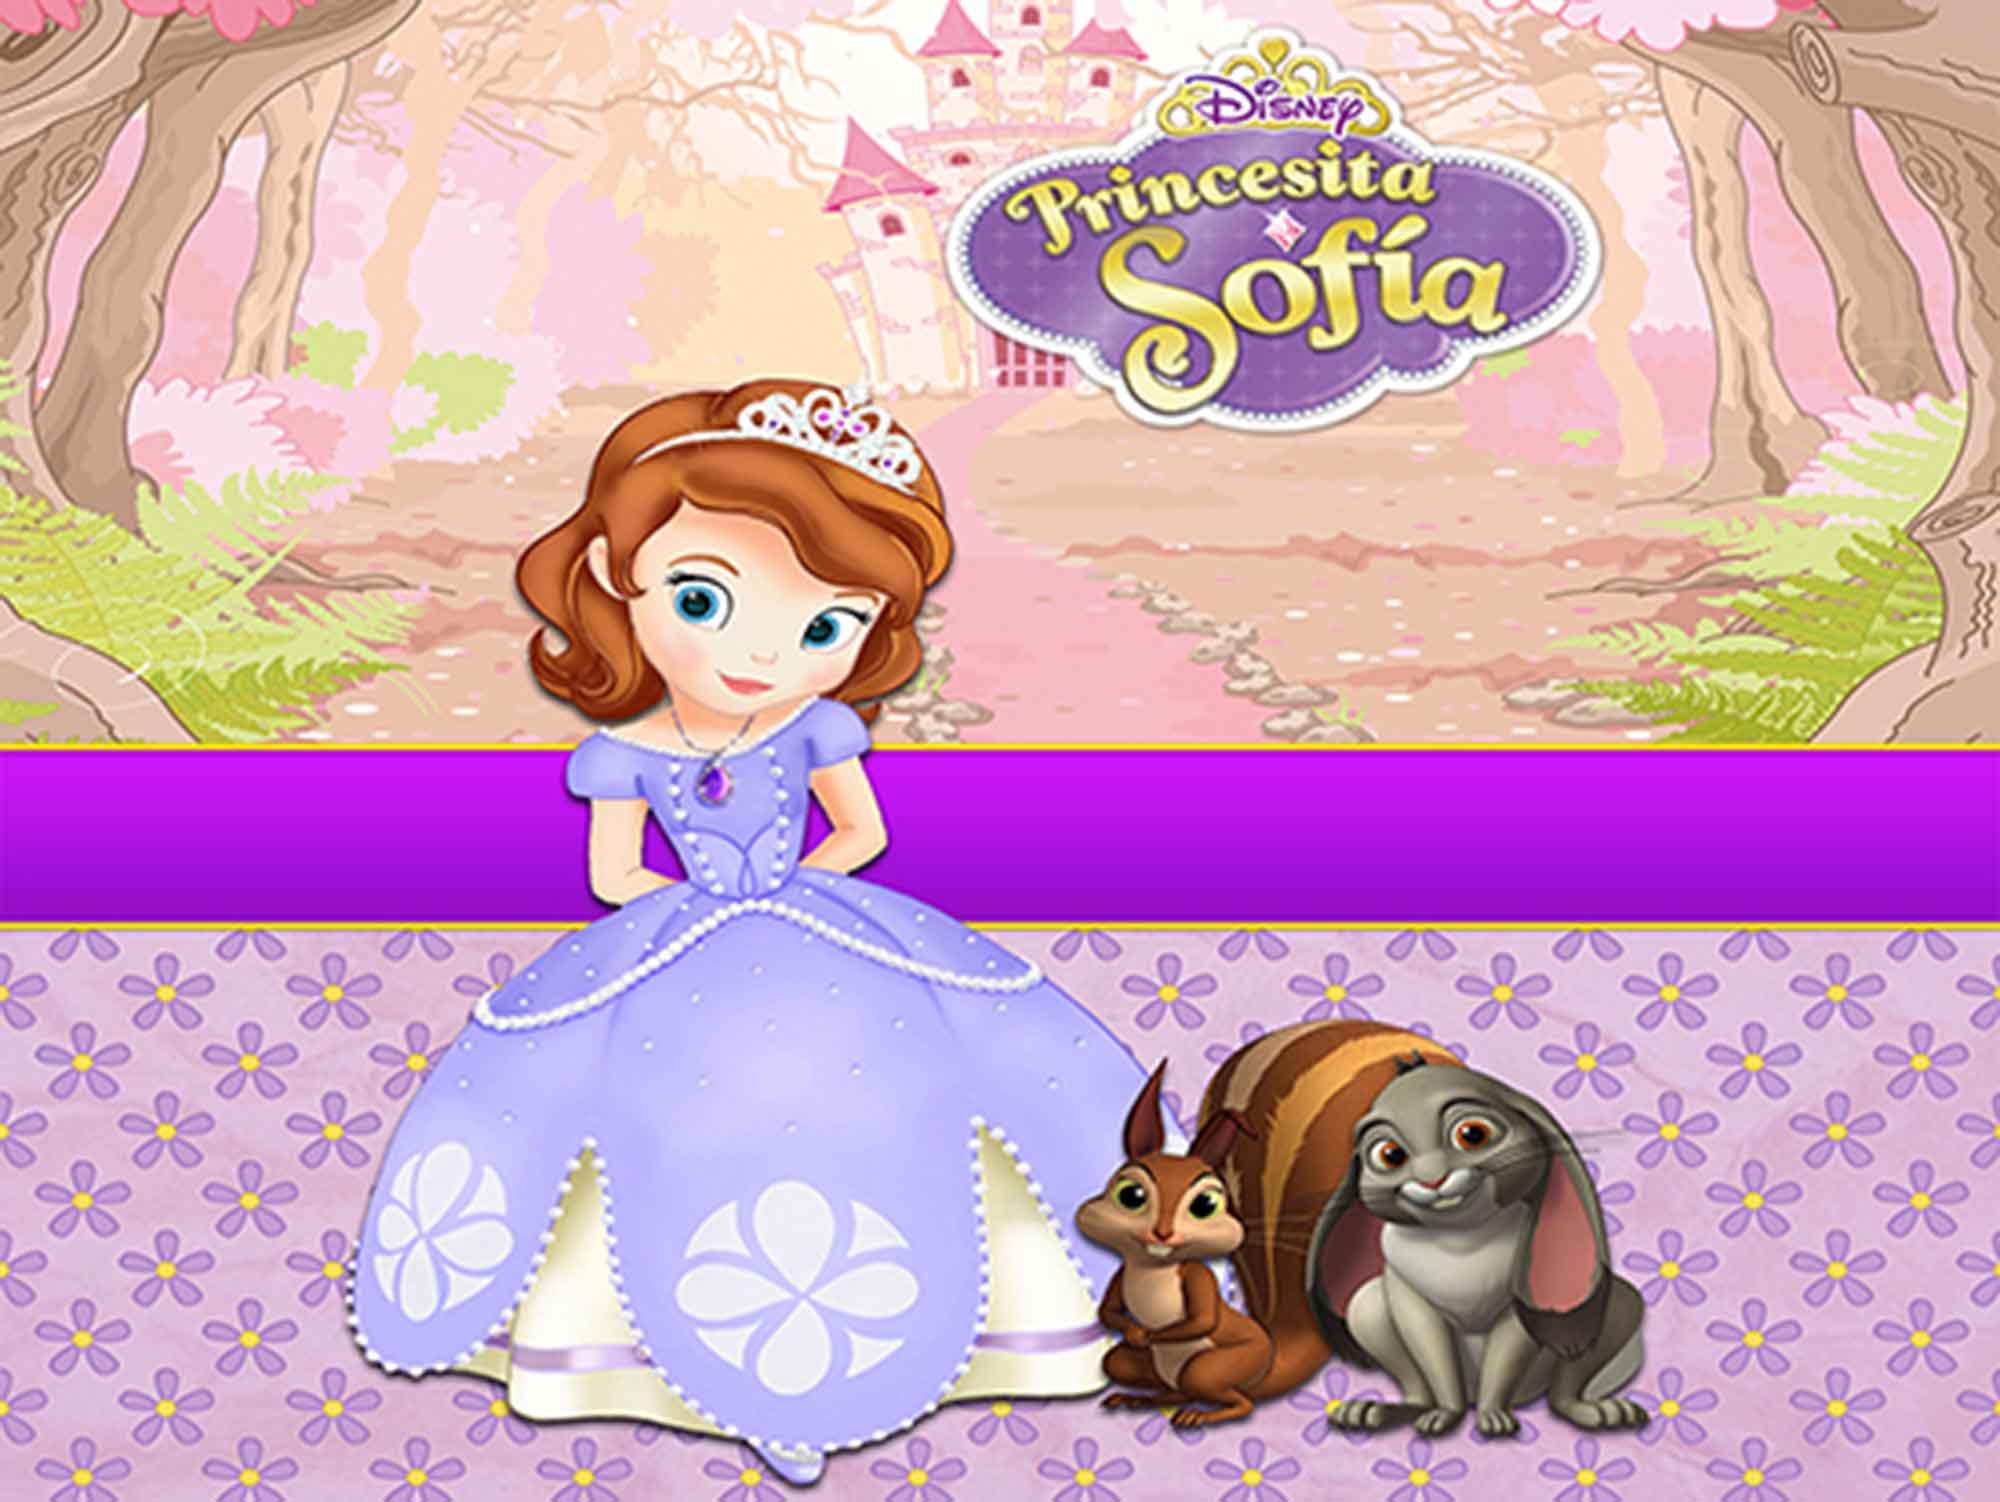 Papel de Parede Infantil Princesa Sofia  0013  - Paredes Decoradas